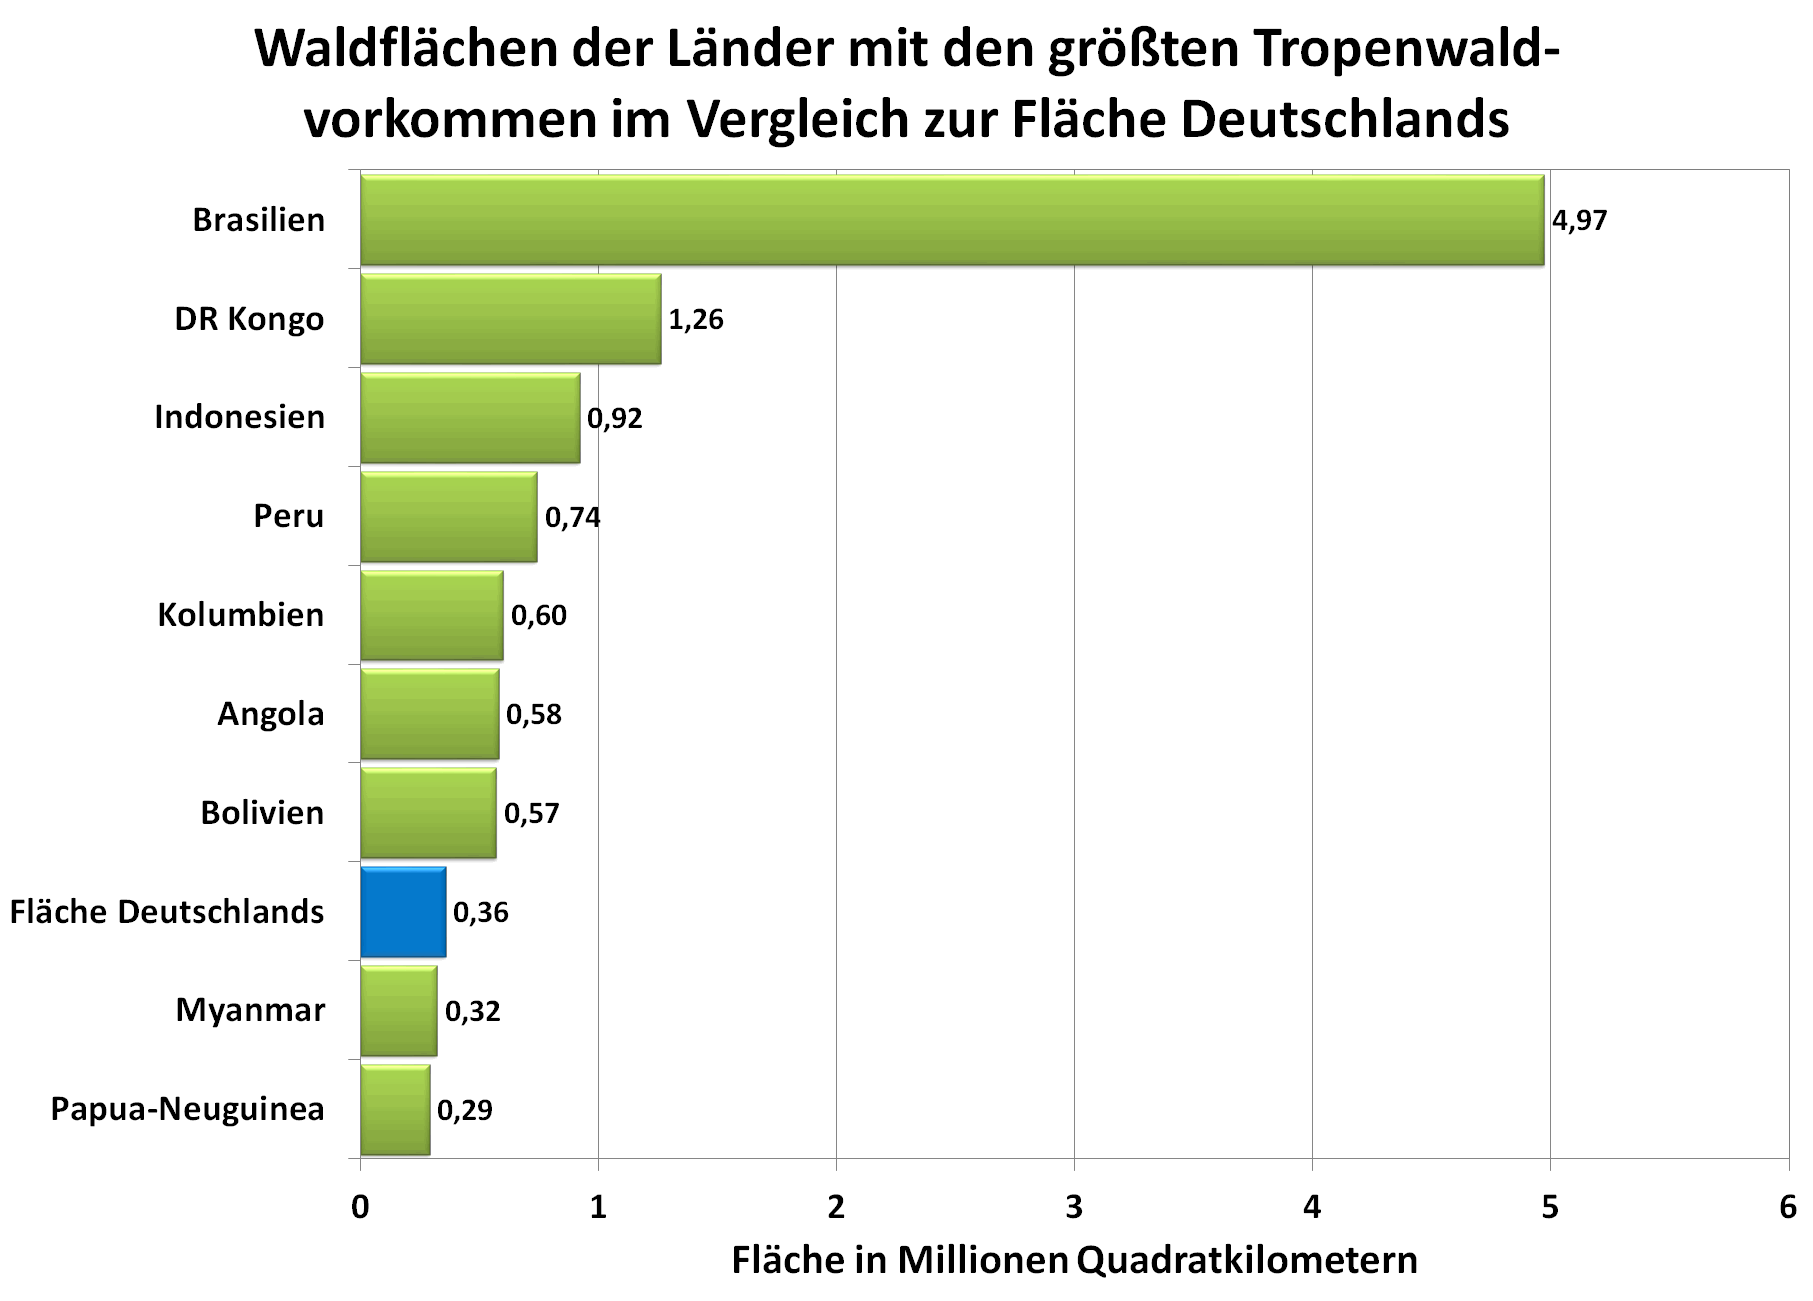 Grafik: Waldflächen der Länder mit Tropenwaldvorkommen im Vergleich zur Fläche Deutschlands